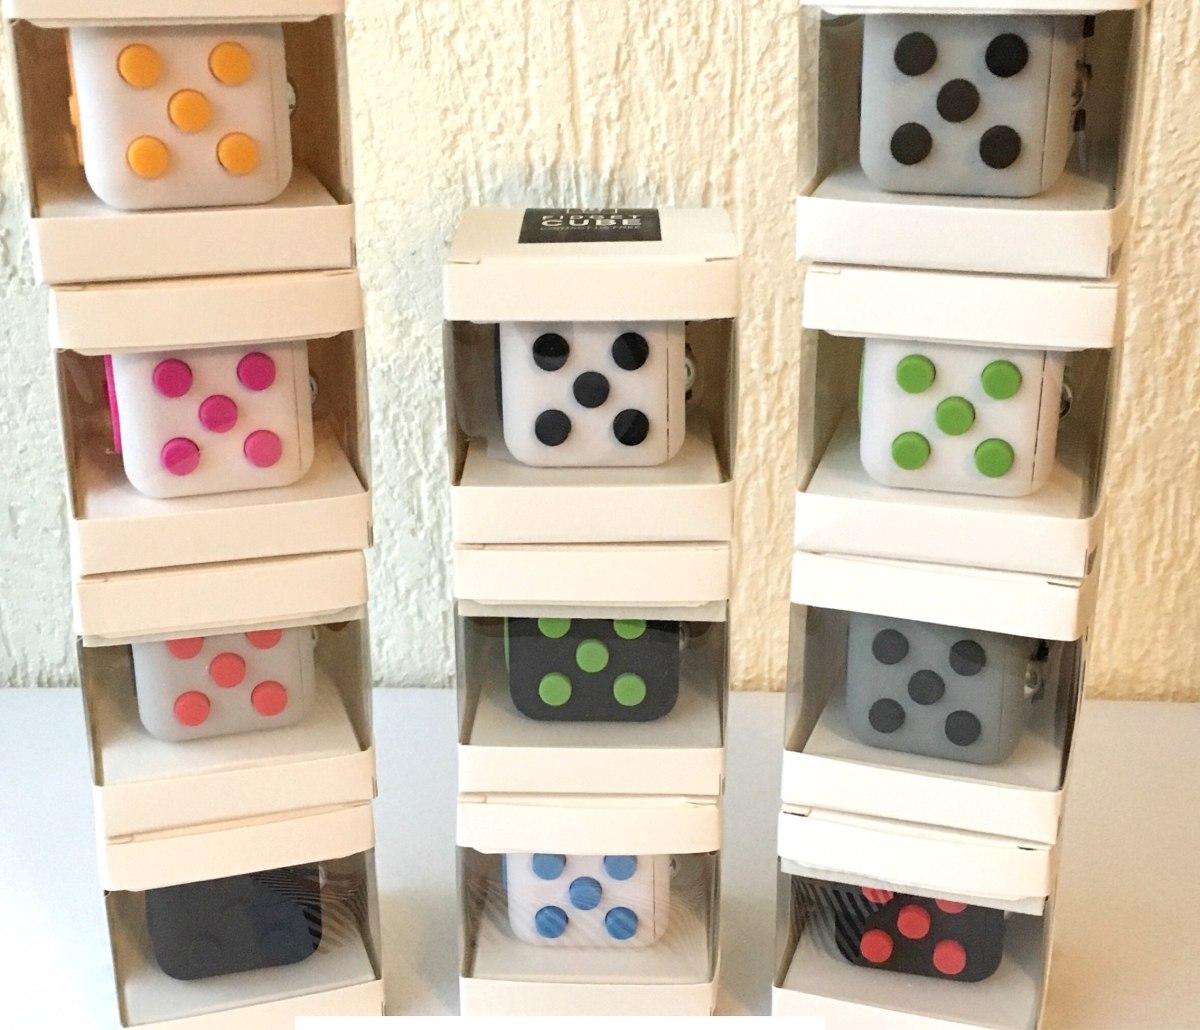 Fidget cube env o gratis en mercado libre - Casas cube opiniones ...